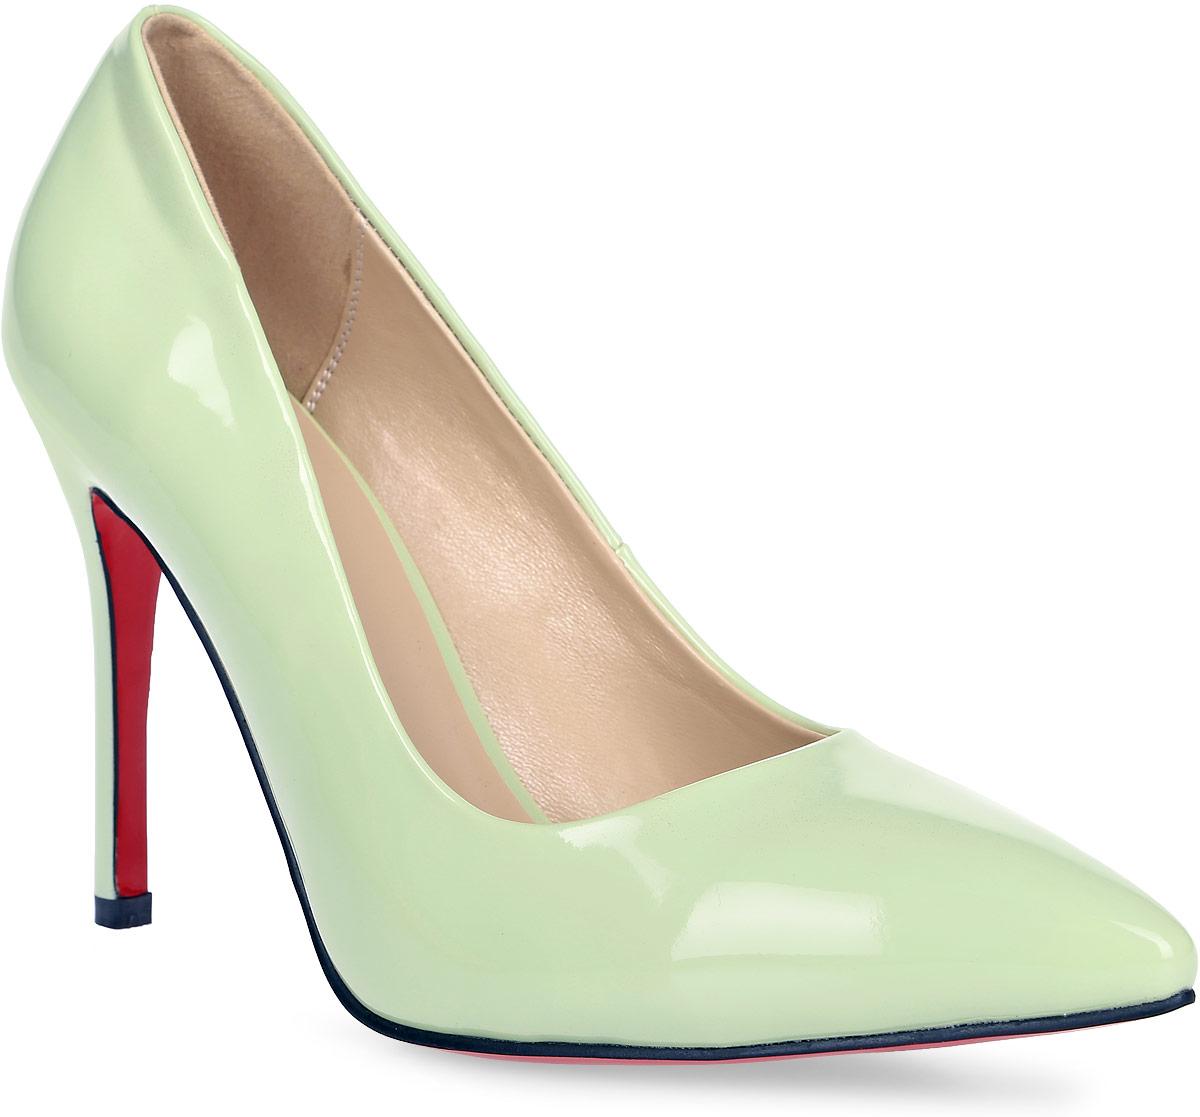 Туфли женские Inario, цвет: светло-зеленый. 17251-01-14. Размер 3917251-01-14Туфли-лодочки Inario выполнены из искусственной лаковой кожи. Внутренняя поверхность и стелька из искусственной кожи обеспечат комфорт при движении. Подошва красного цвета выполнена из полимера. Модель имеет острый мысок и высокий каблук-шпильку.